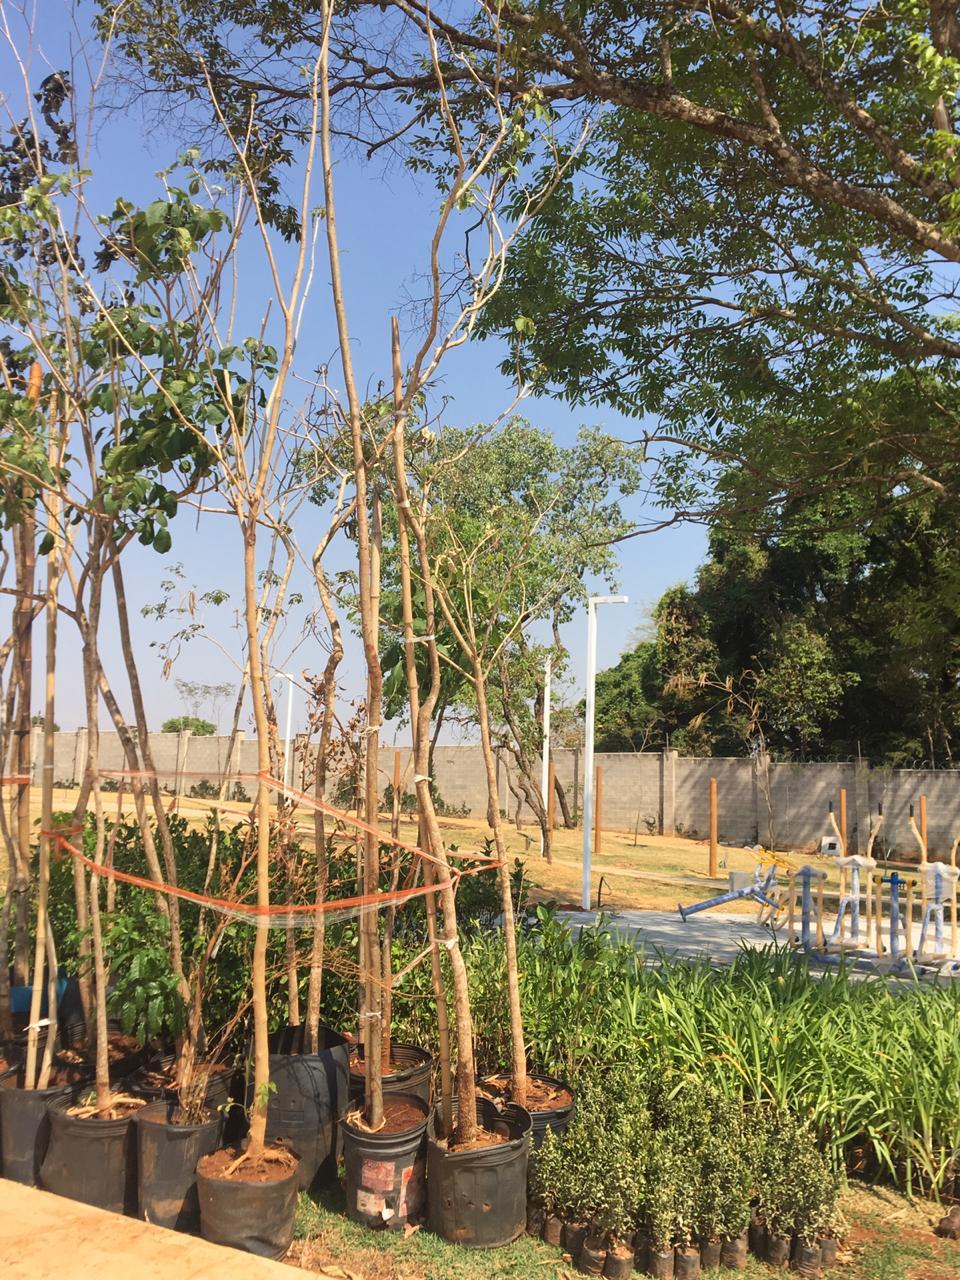 Áreas verdes em condomínios horizontais contribuem para preservação do cerrado